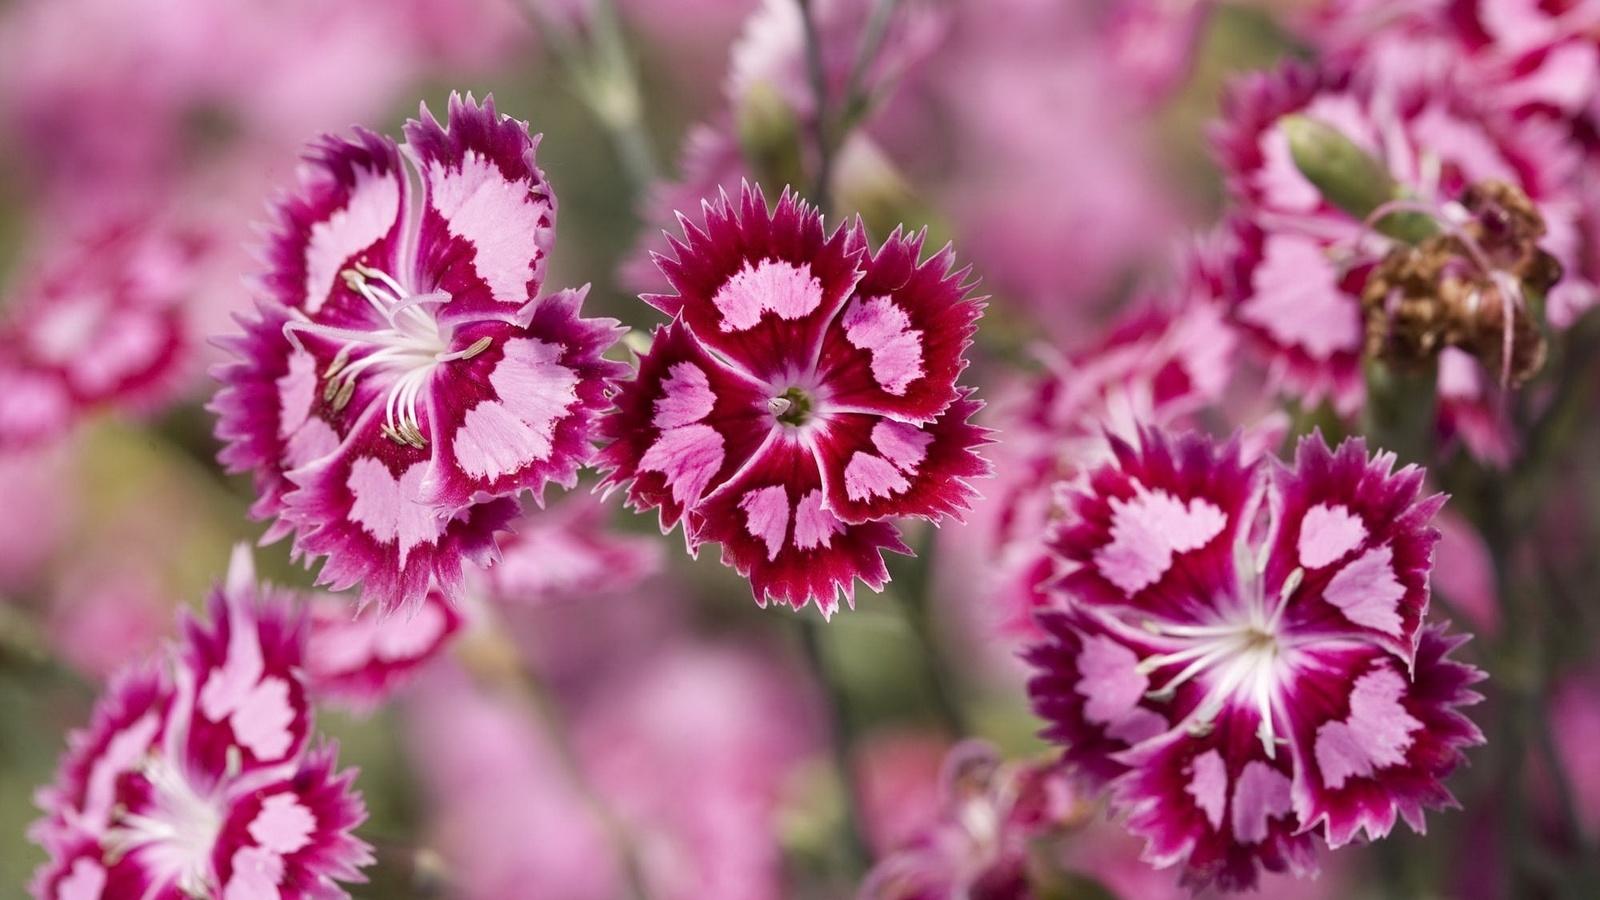 полевые цветочки, розовые лепесточки, белая серединка